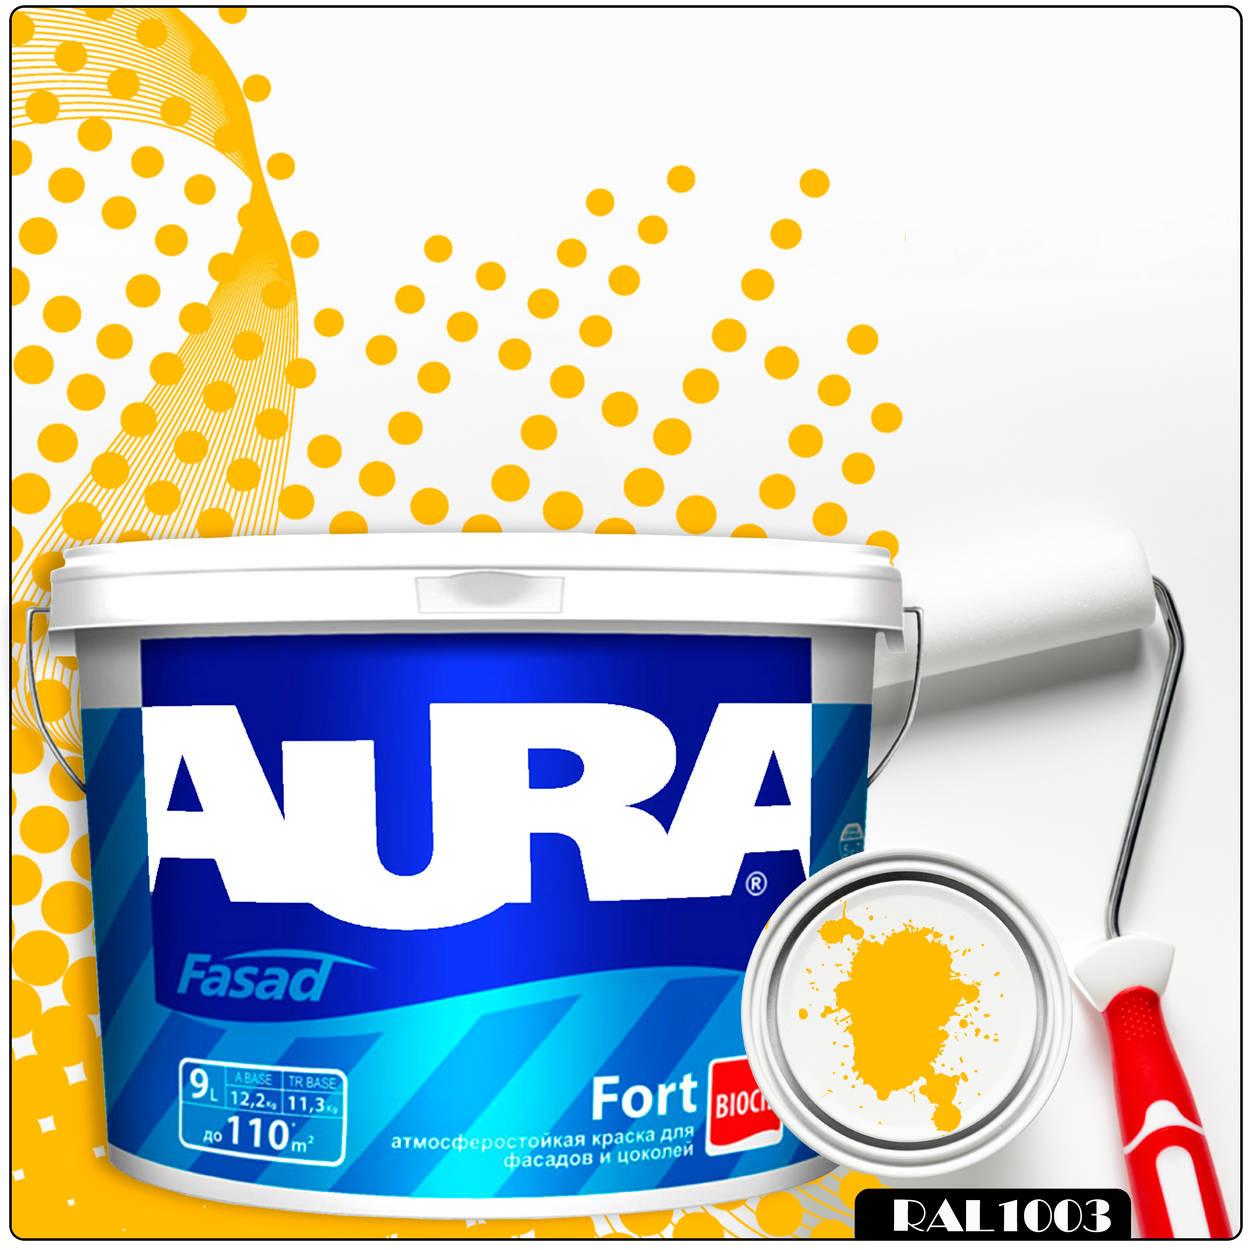 Фото 4 - Краска Aura Fasad Fort, RAL 1003 Сигнально-жёлтый, латексная, матовая, для фасада и цоколей, 9л, Аура.